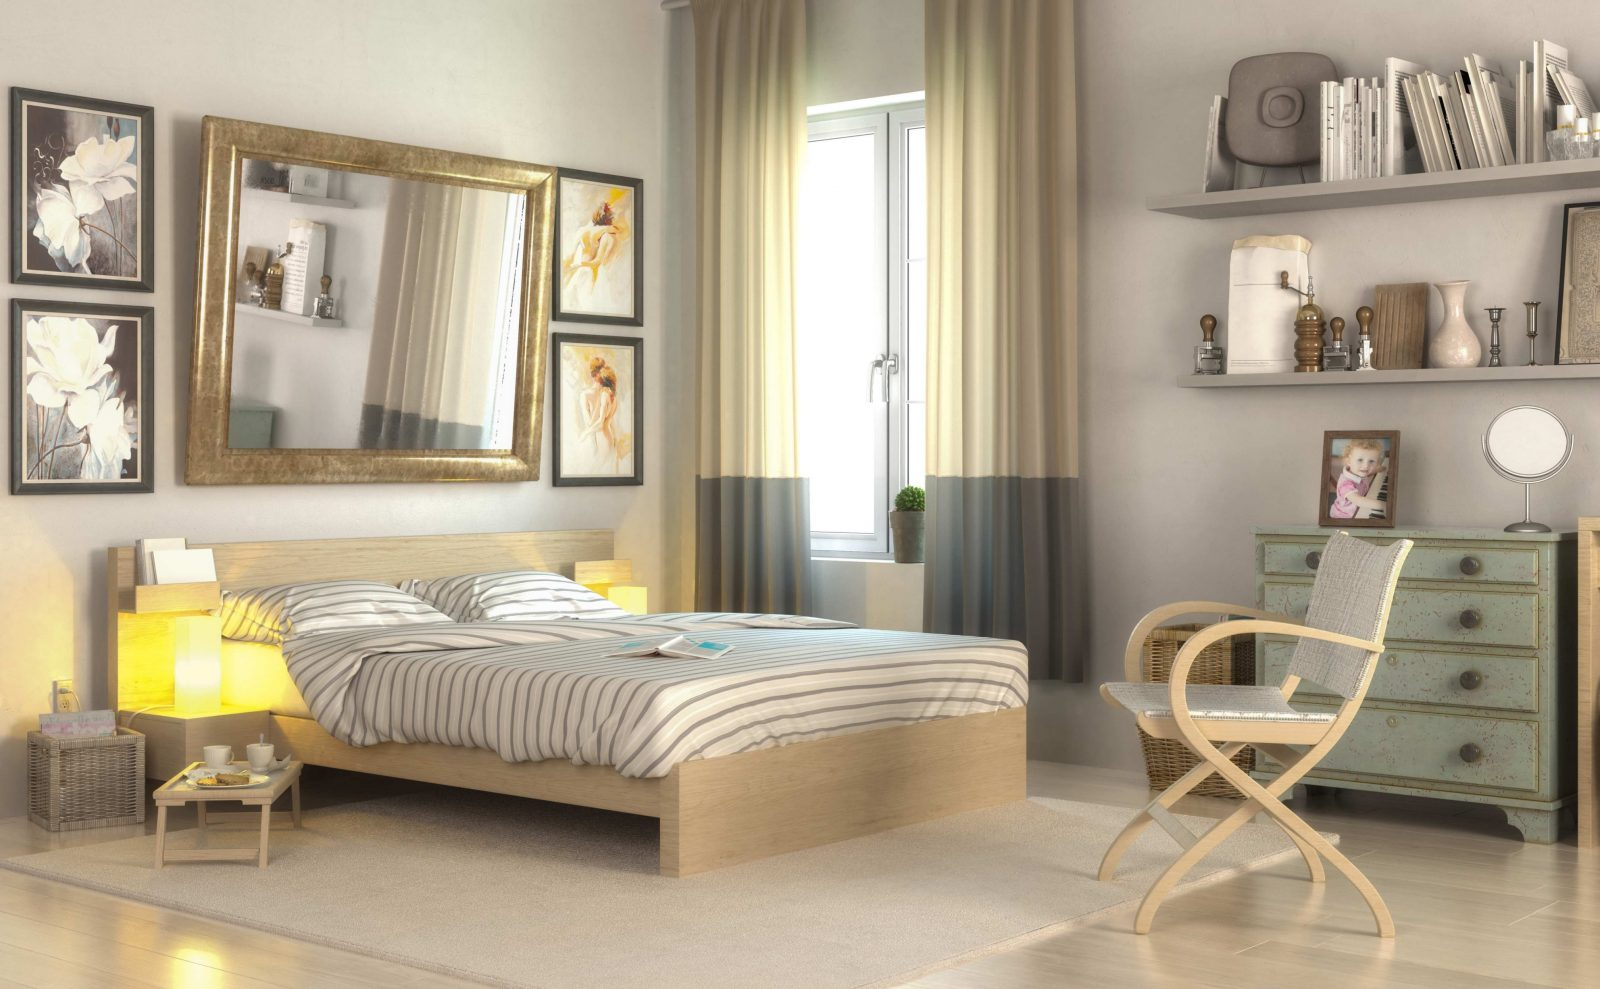 Kleines Kinderzimmer Für Zwei Einrichten  Wohndesign von Kleine Kinderzimmer Optimal Einrichten Bild